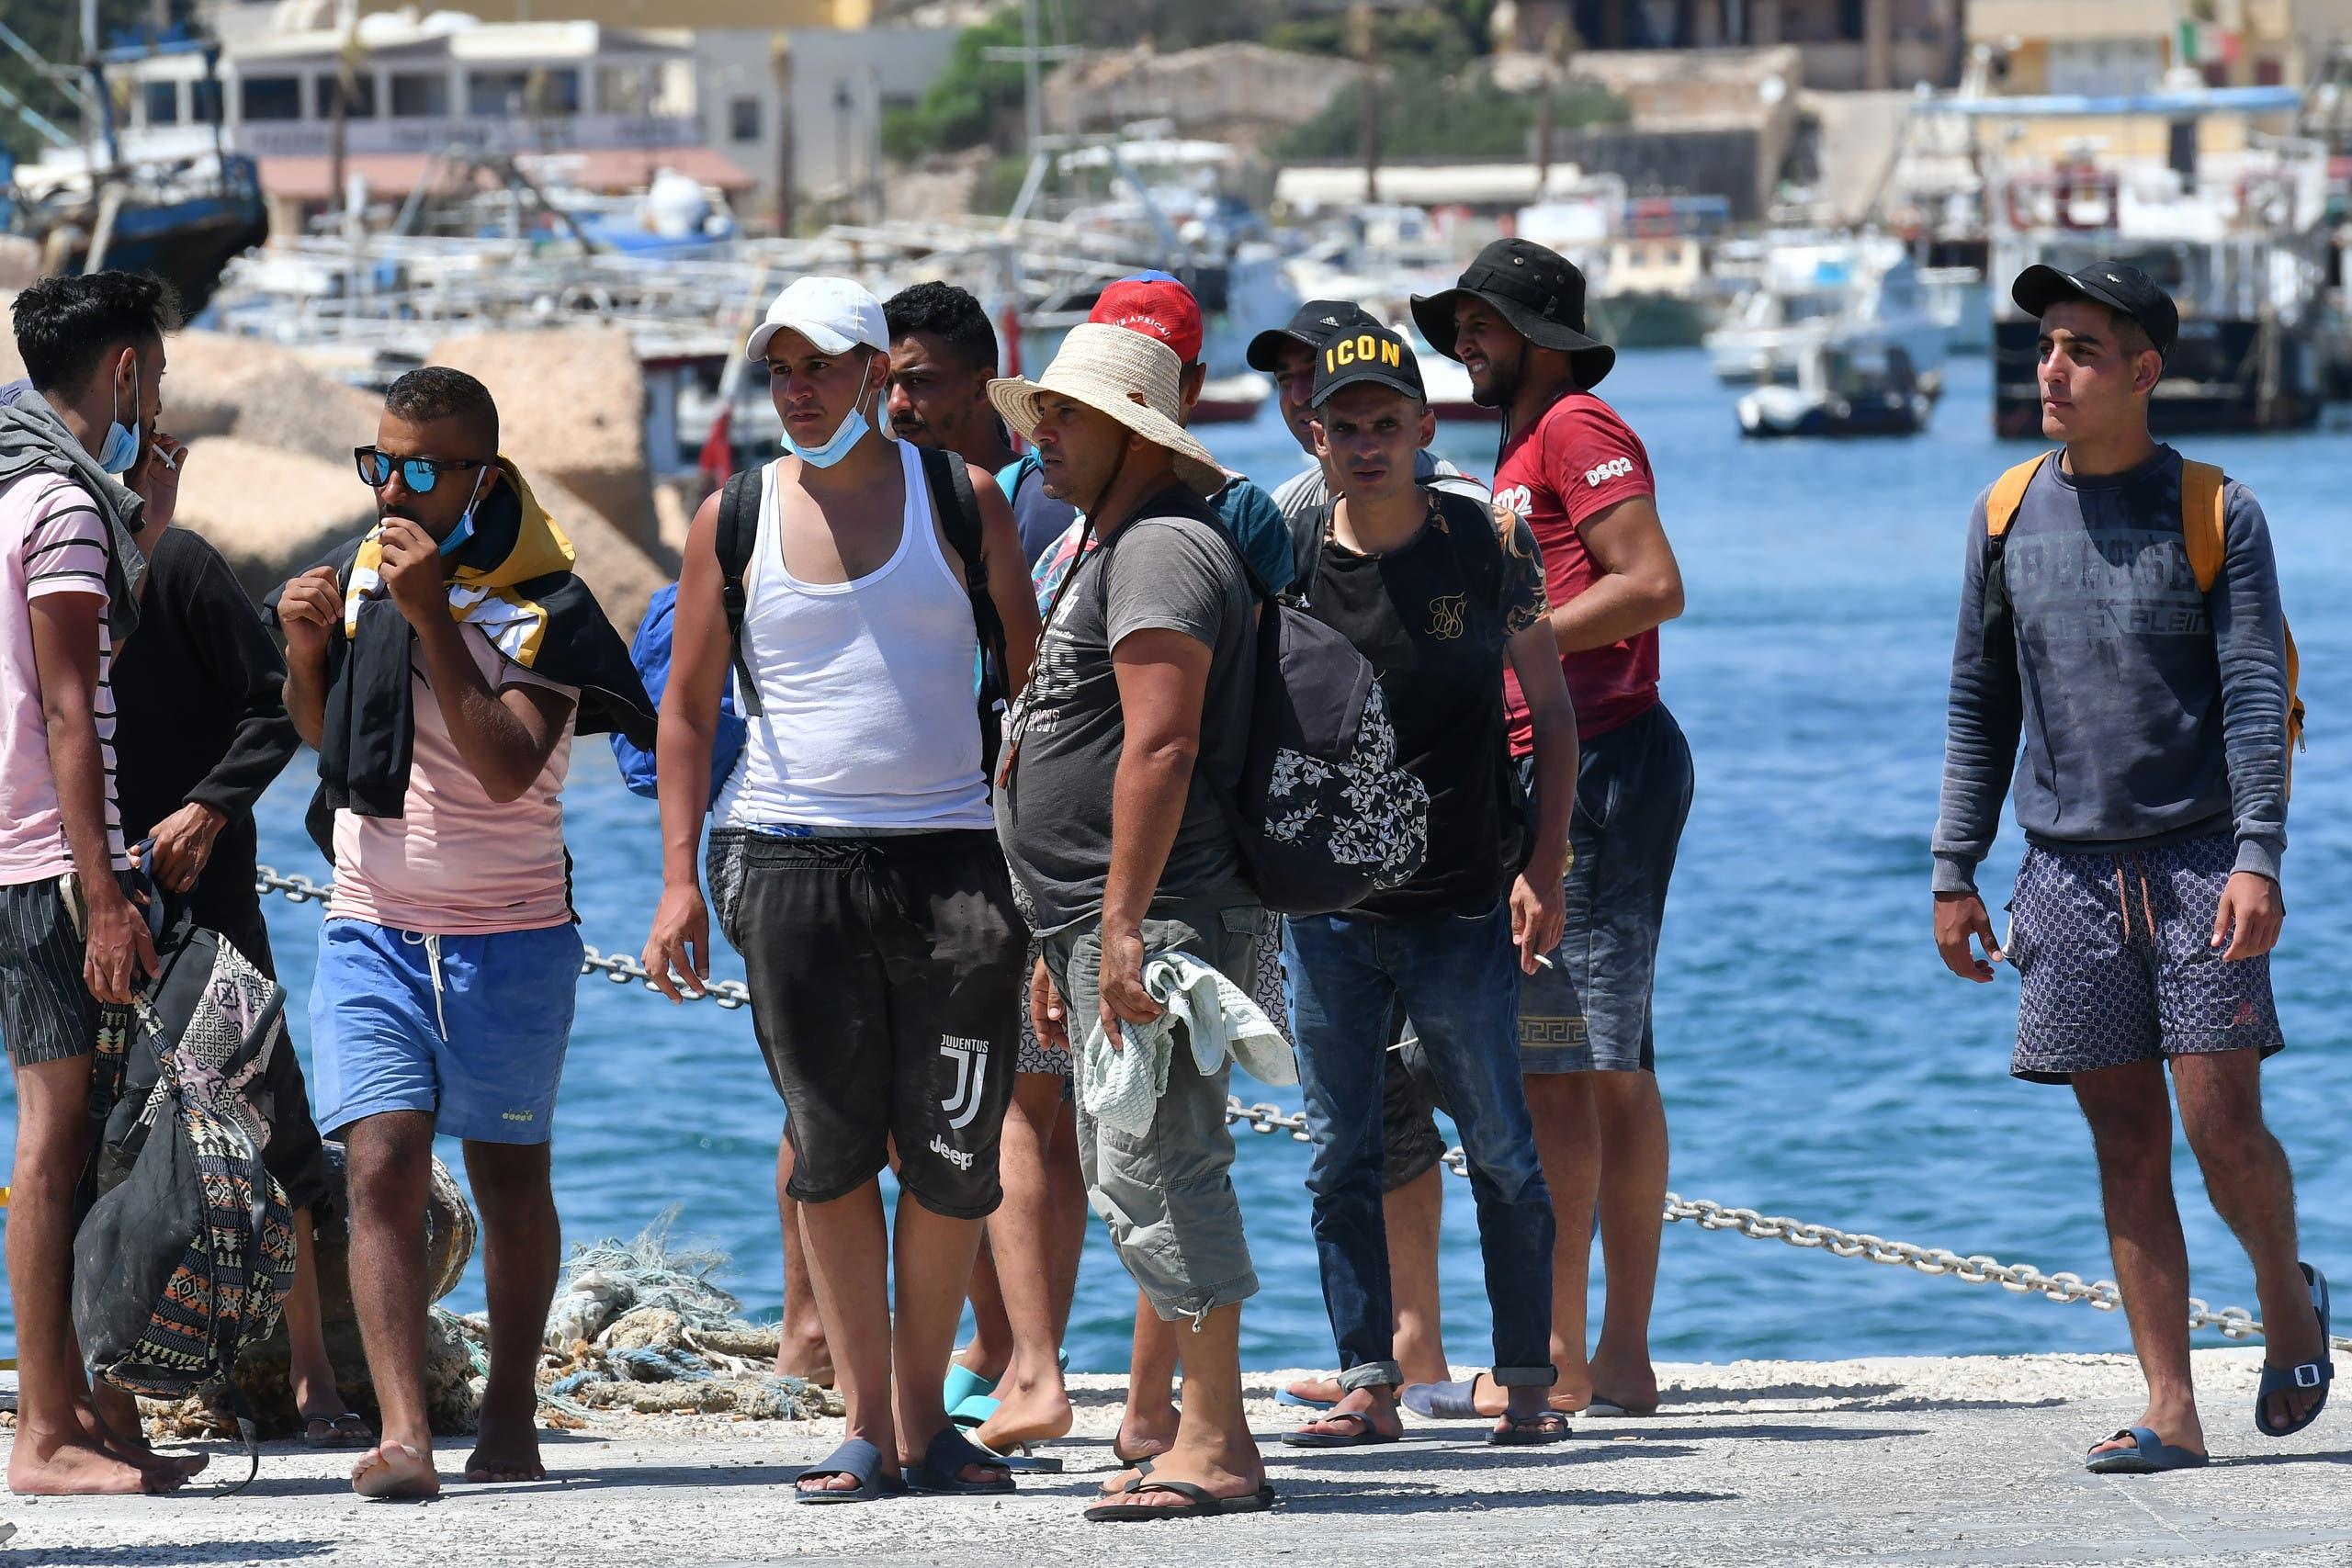 مهاجرون وصلوا من تونس لإيطاليا مطلع أغسطس